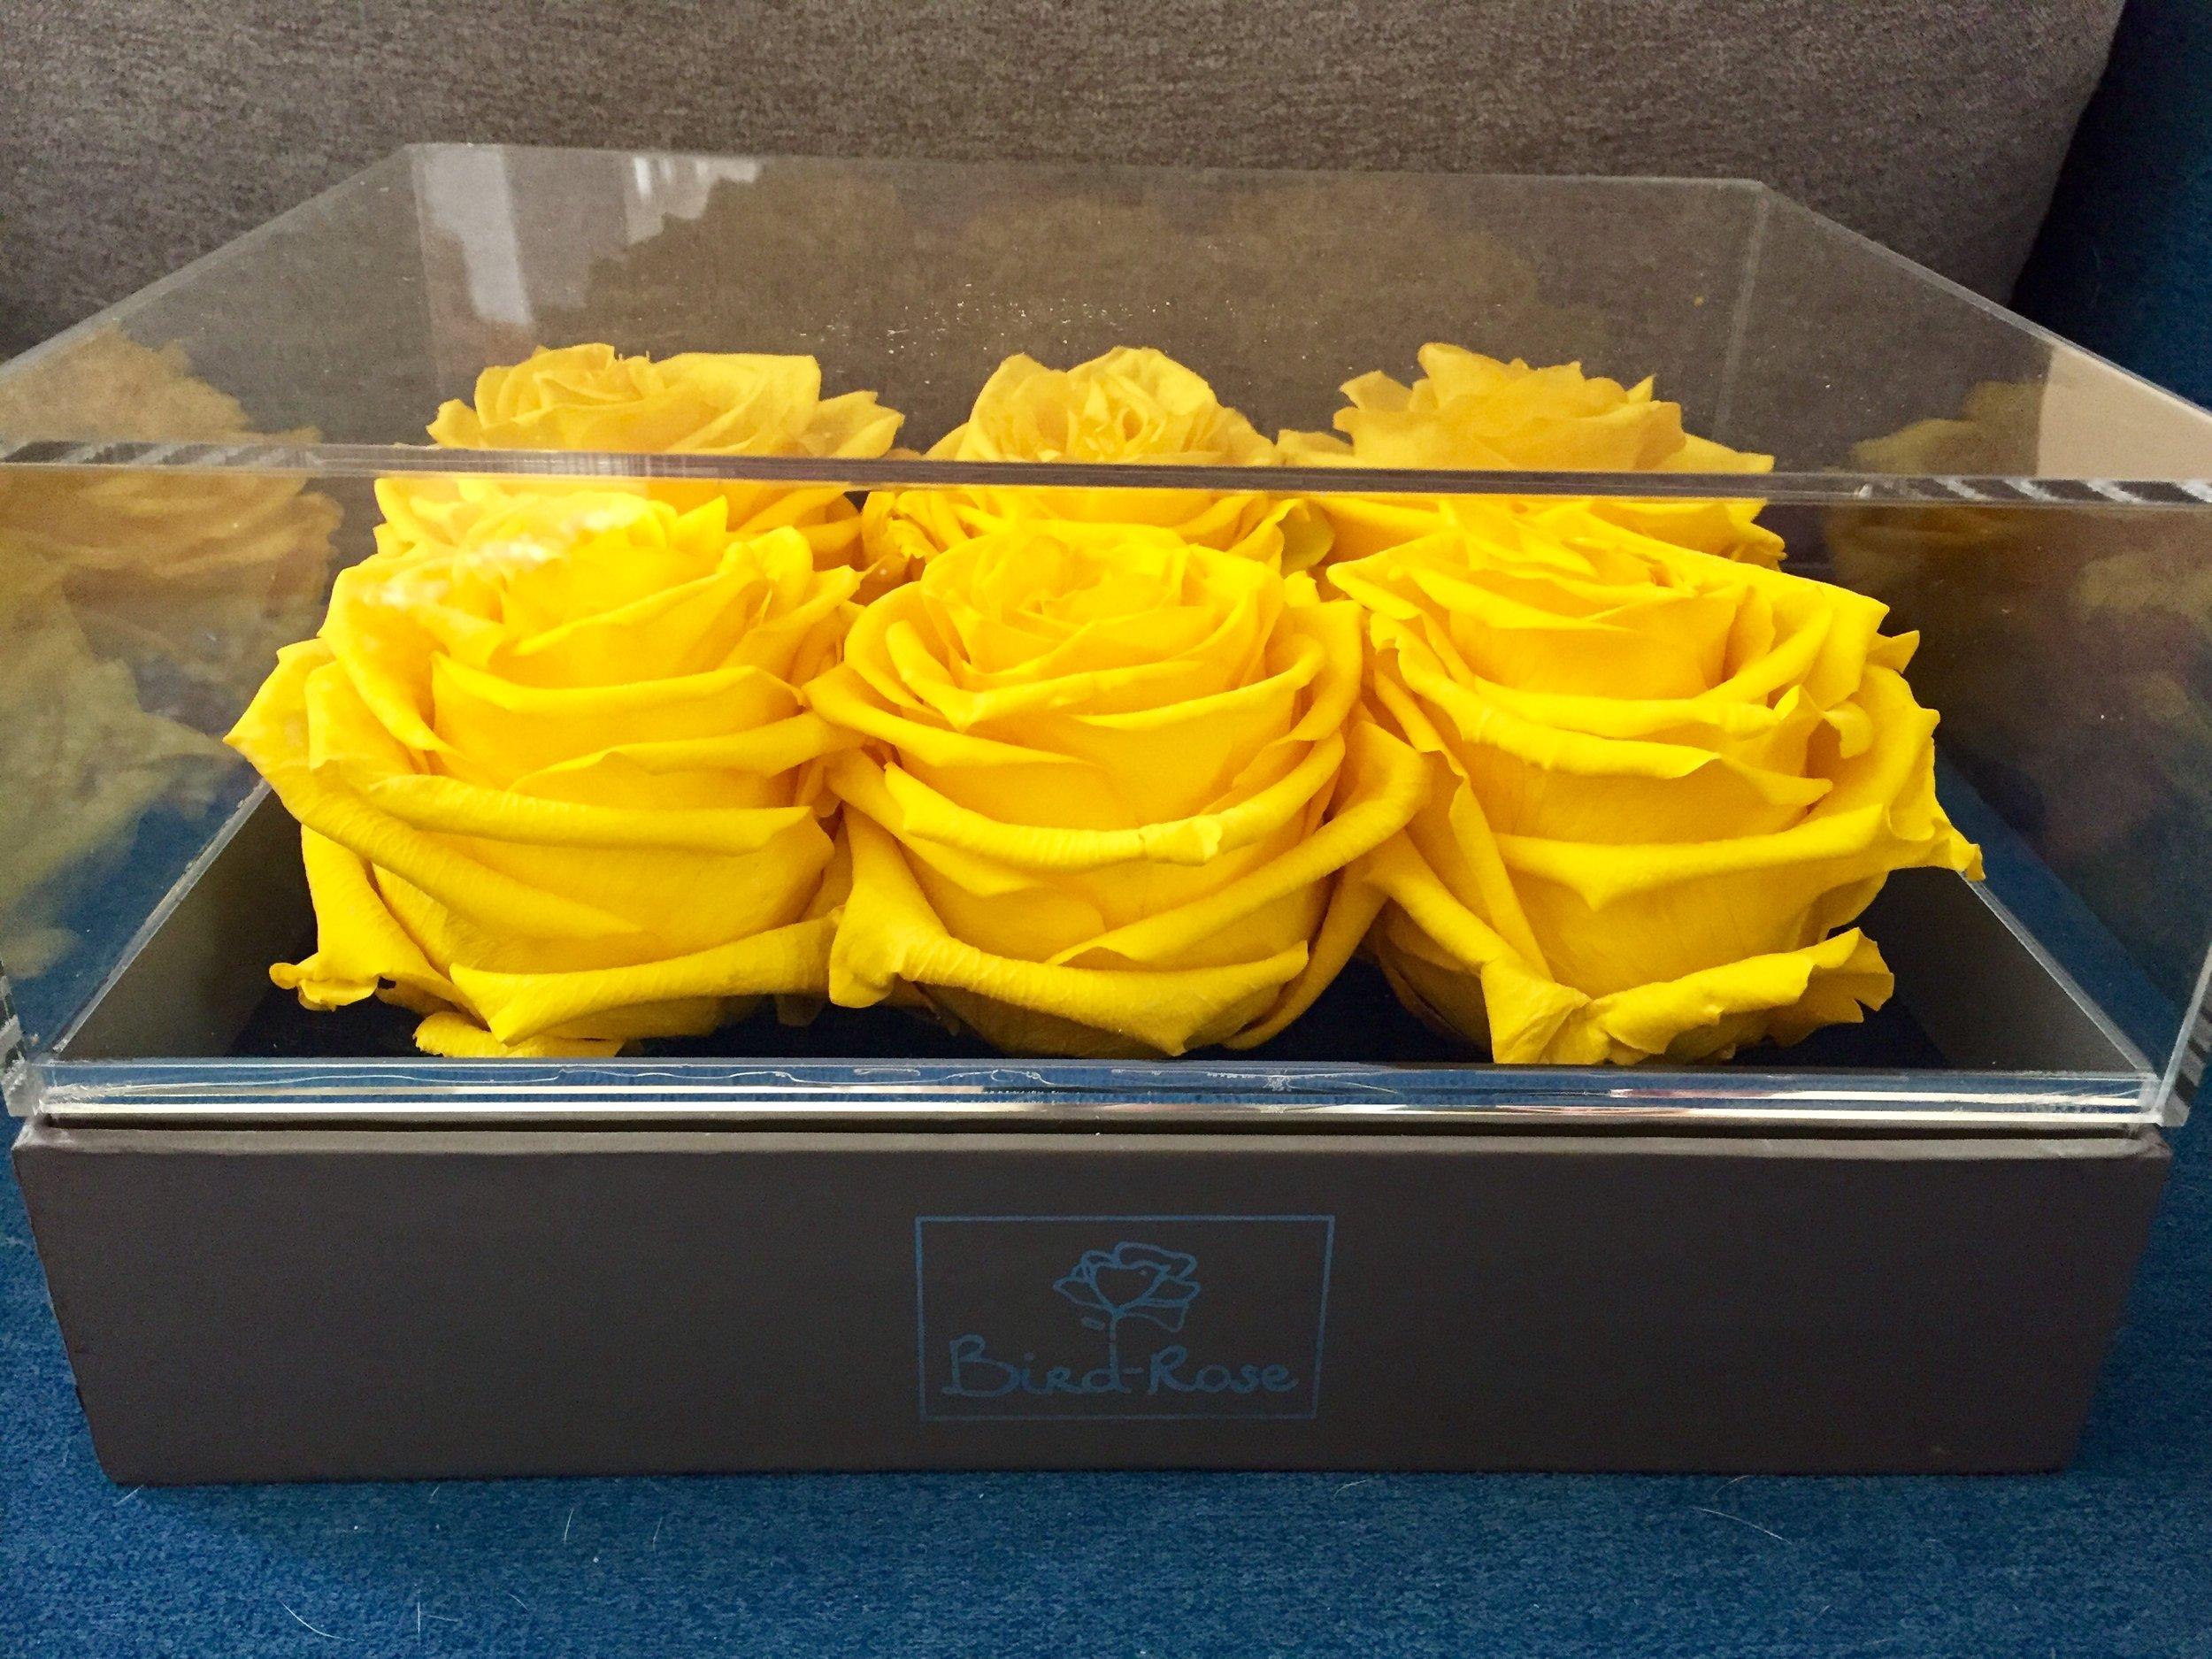 Bird-Rose yellow roses